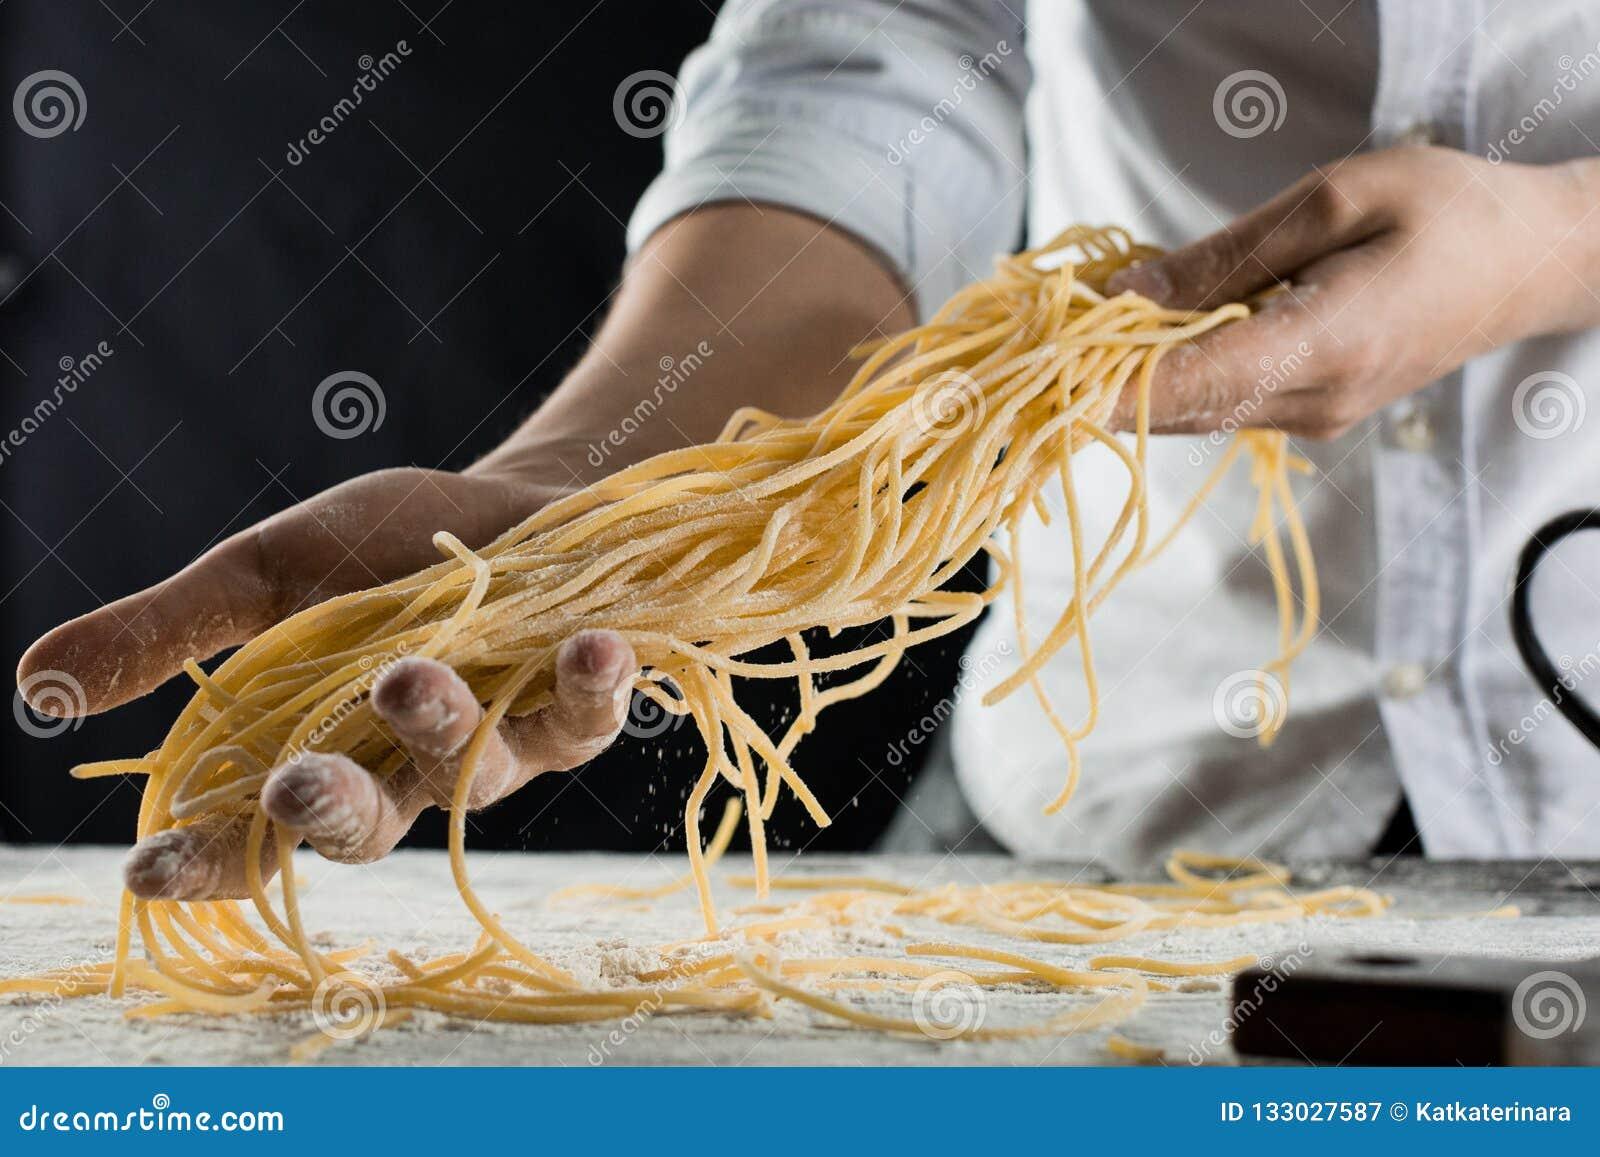 Η εκμετάλλευση μαγείρων μαγείρεψε πρόσφατα τα μακαρόνια στην κουζίνα